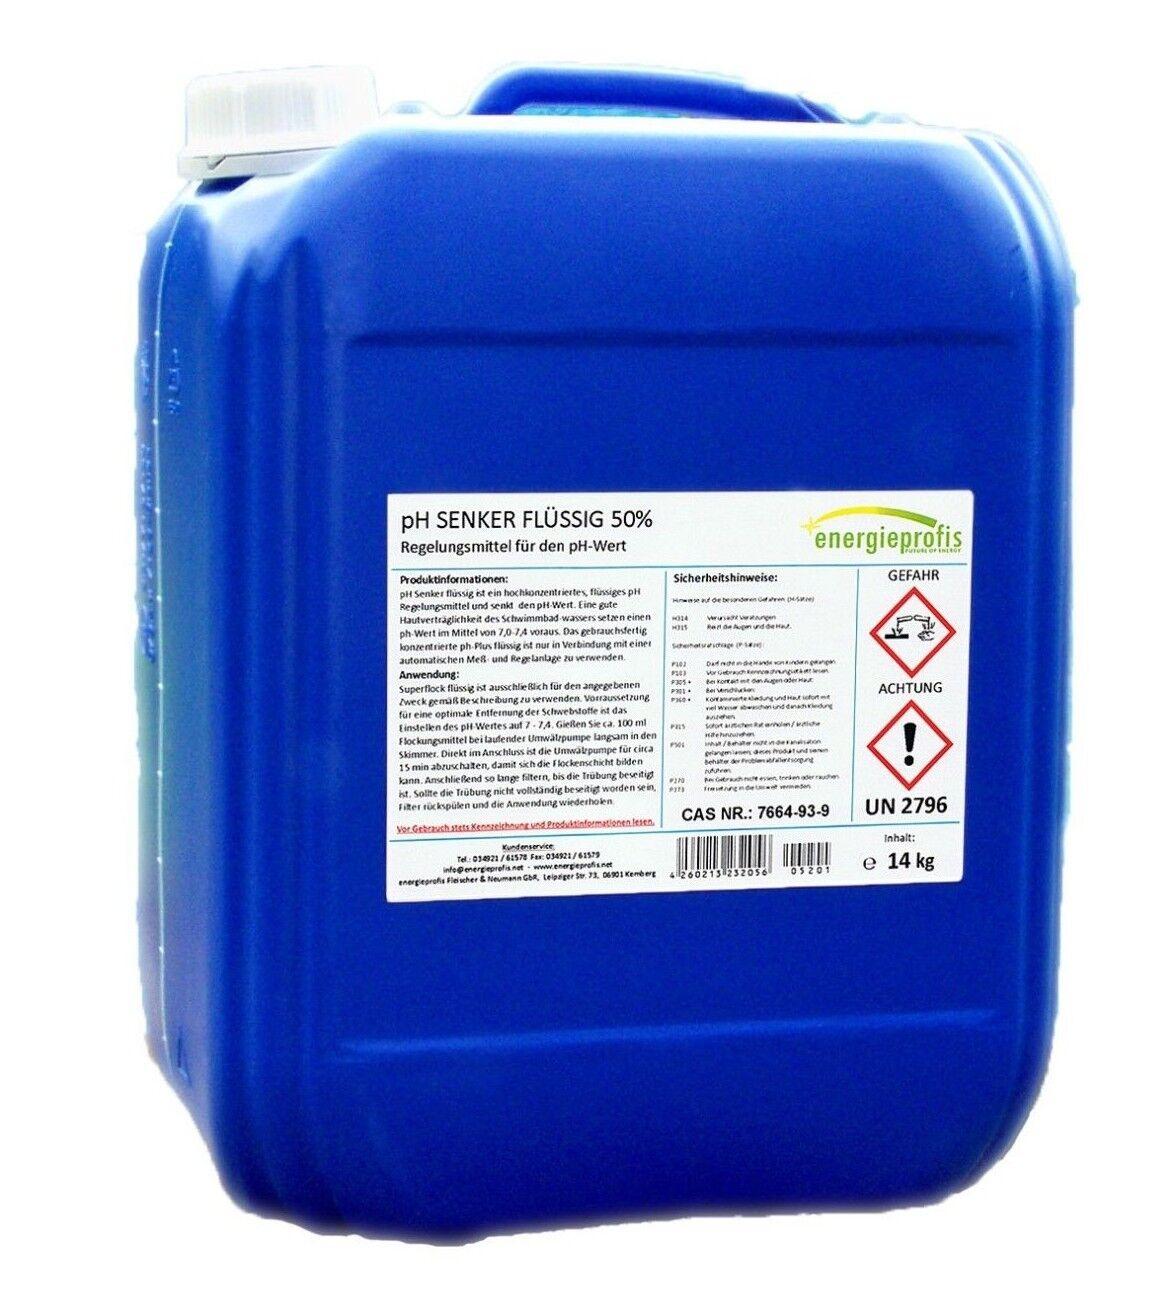 pH Senker flüssig ph-Wert Minus Regulierung